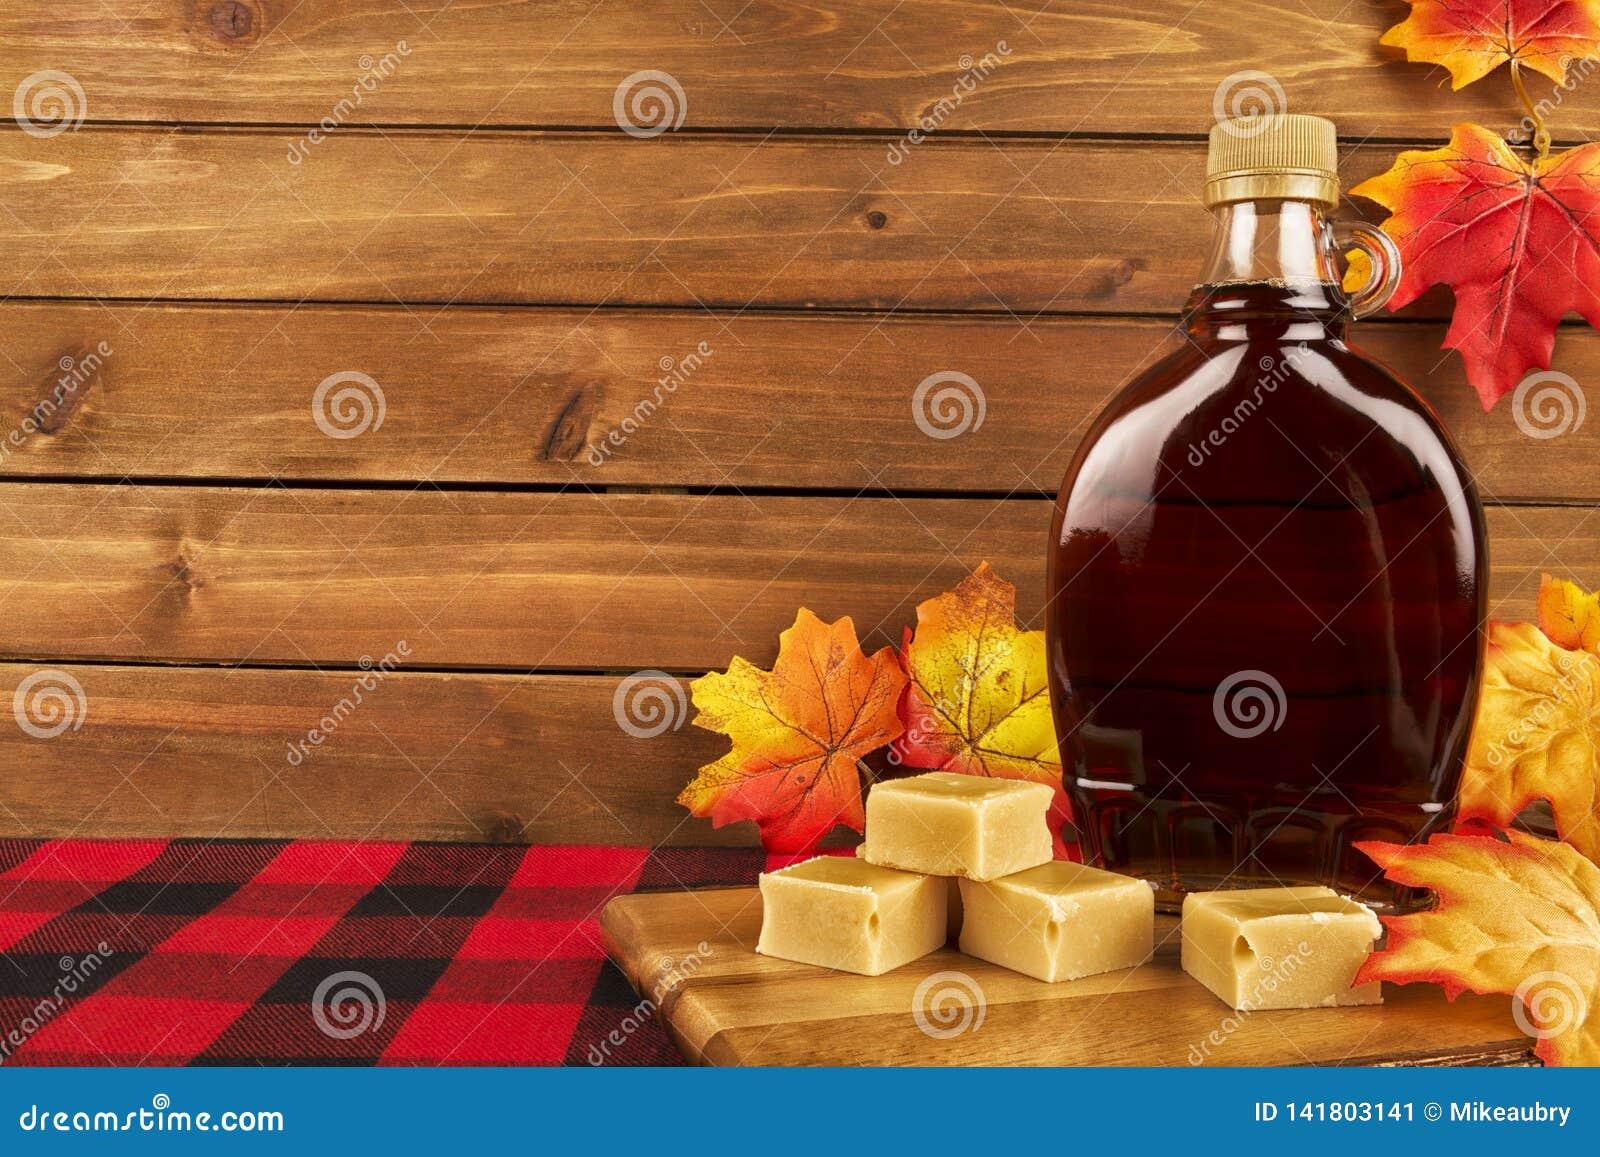 Planche En Bois Deco bouteille de sirop d'érable sur une planche en bois feuilles